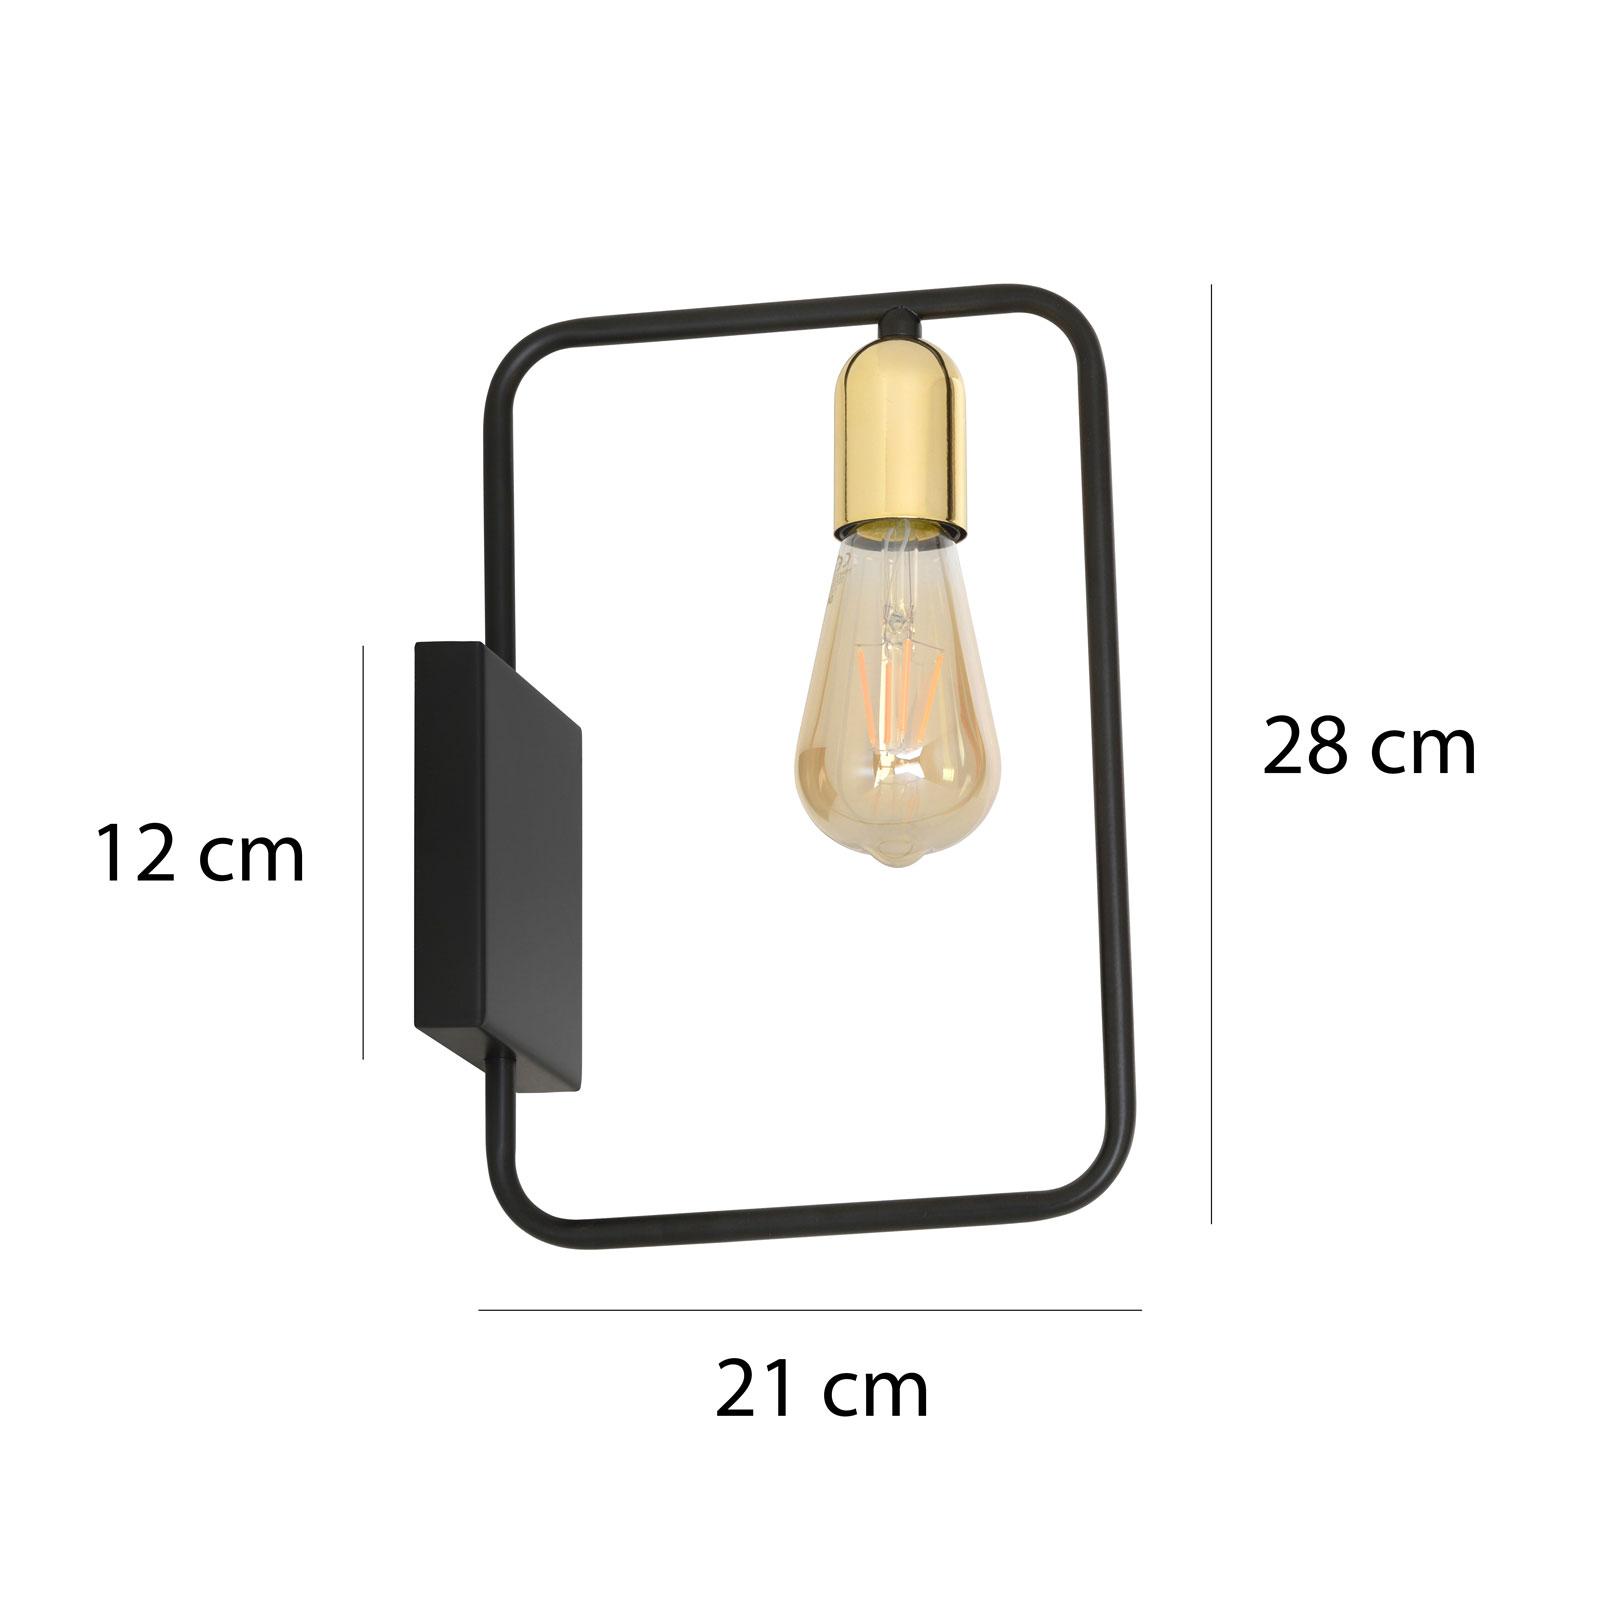 Wandlamp Savo K1 met metalen frames, zwart-goud